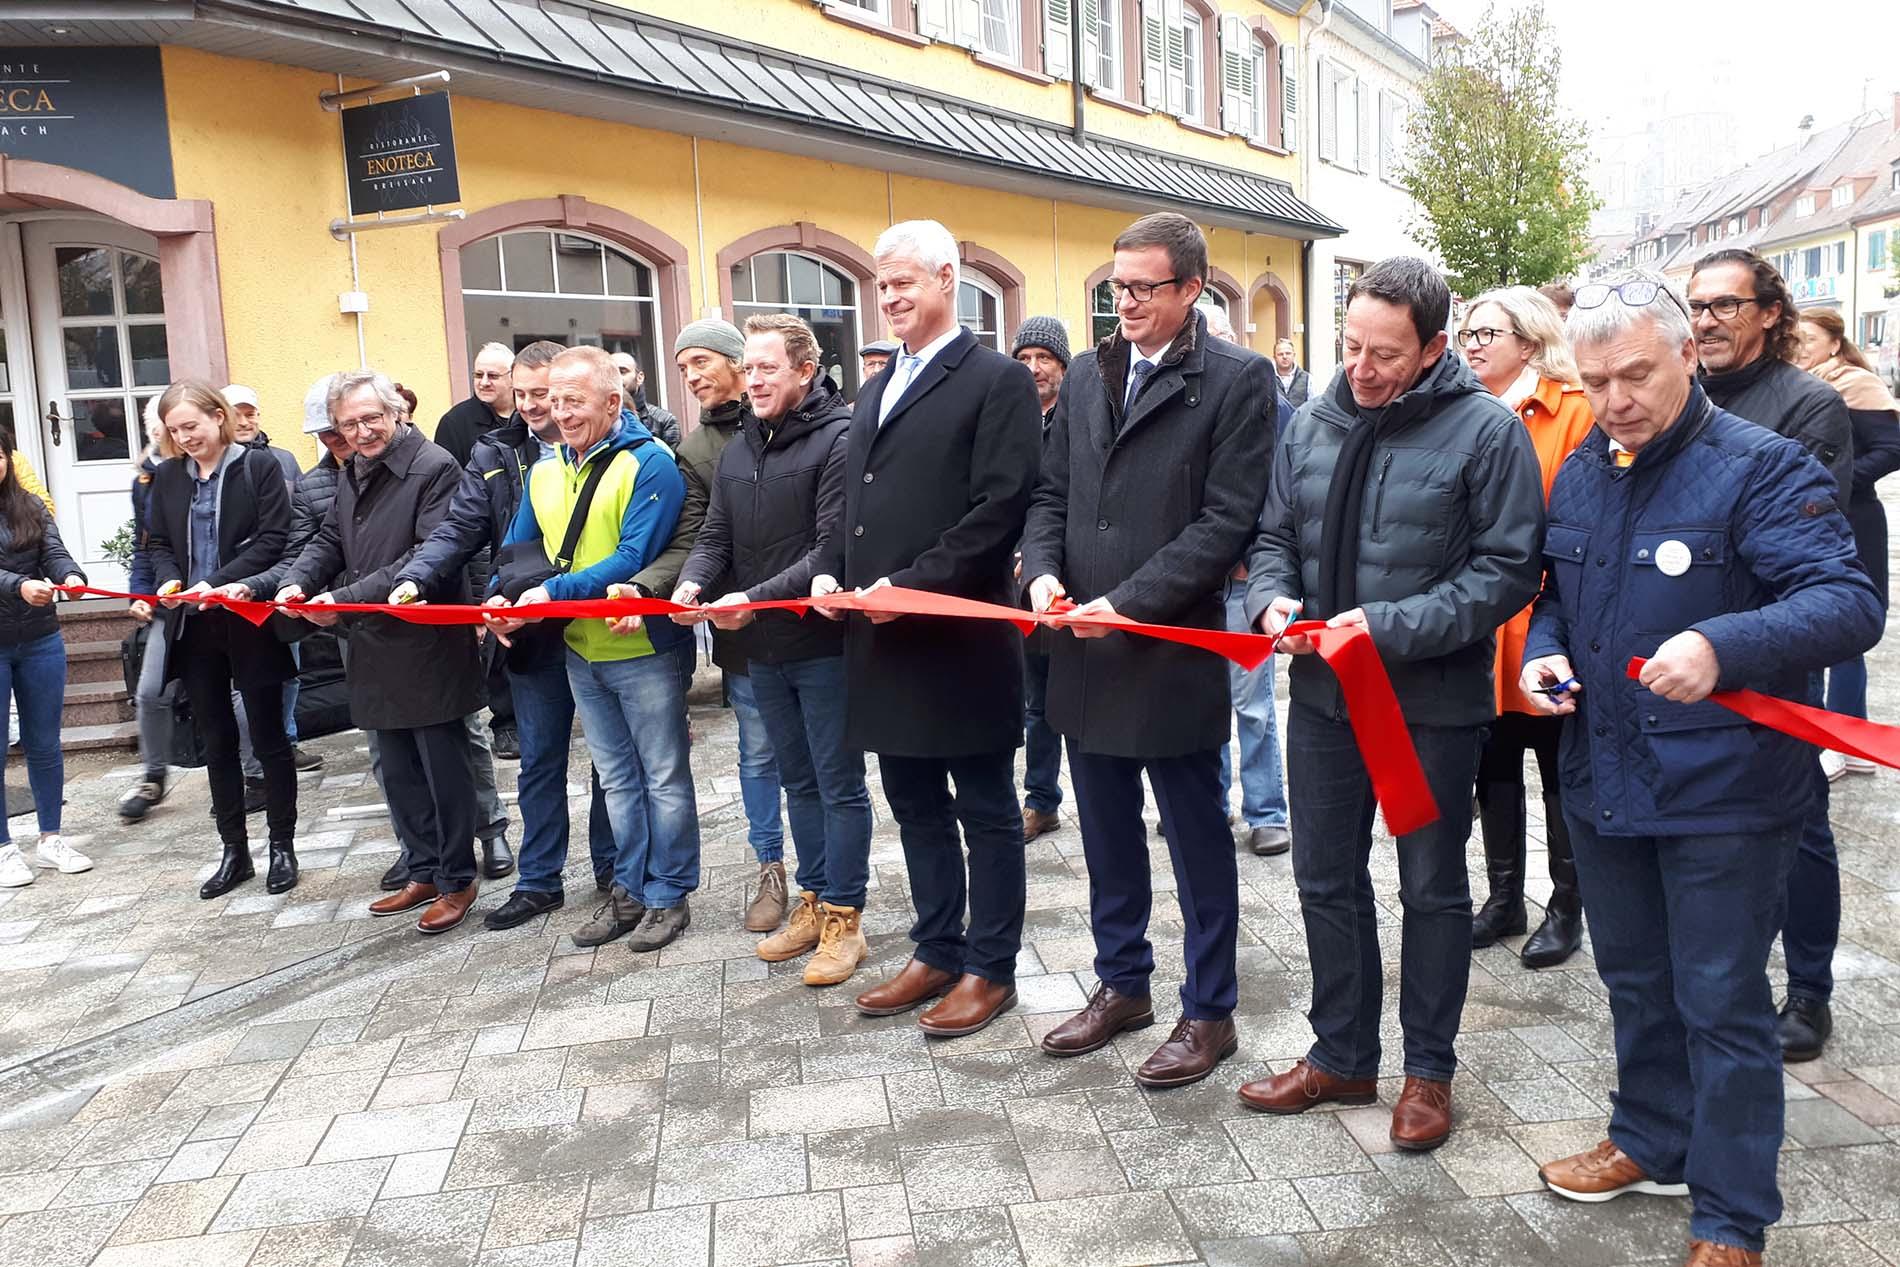 feierliche-Übergabe-der-neu-gestaltetetn-Innenstadt-von-Breisach-BESCO-Naturstein-News